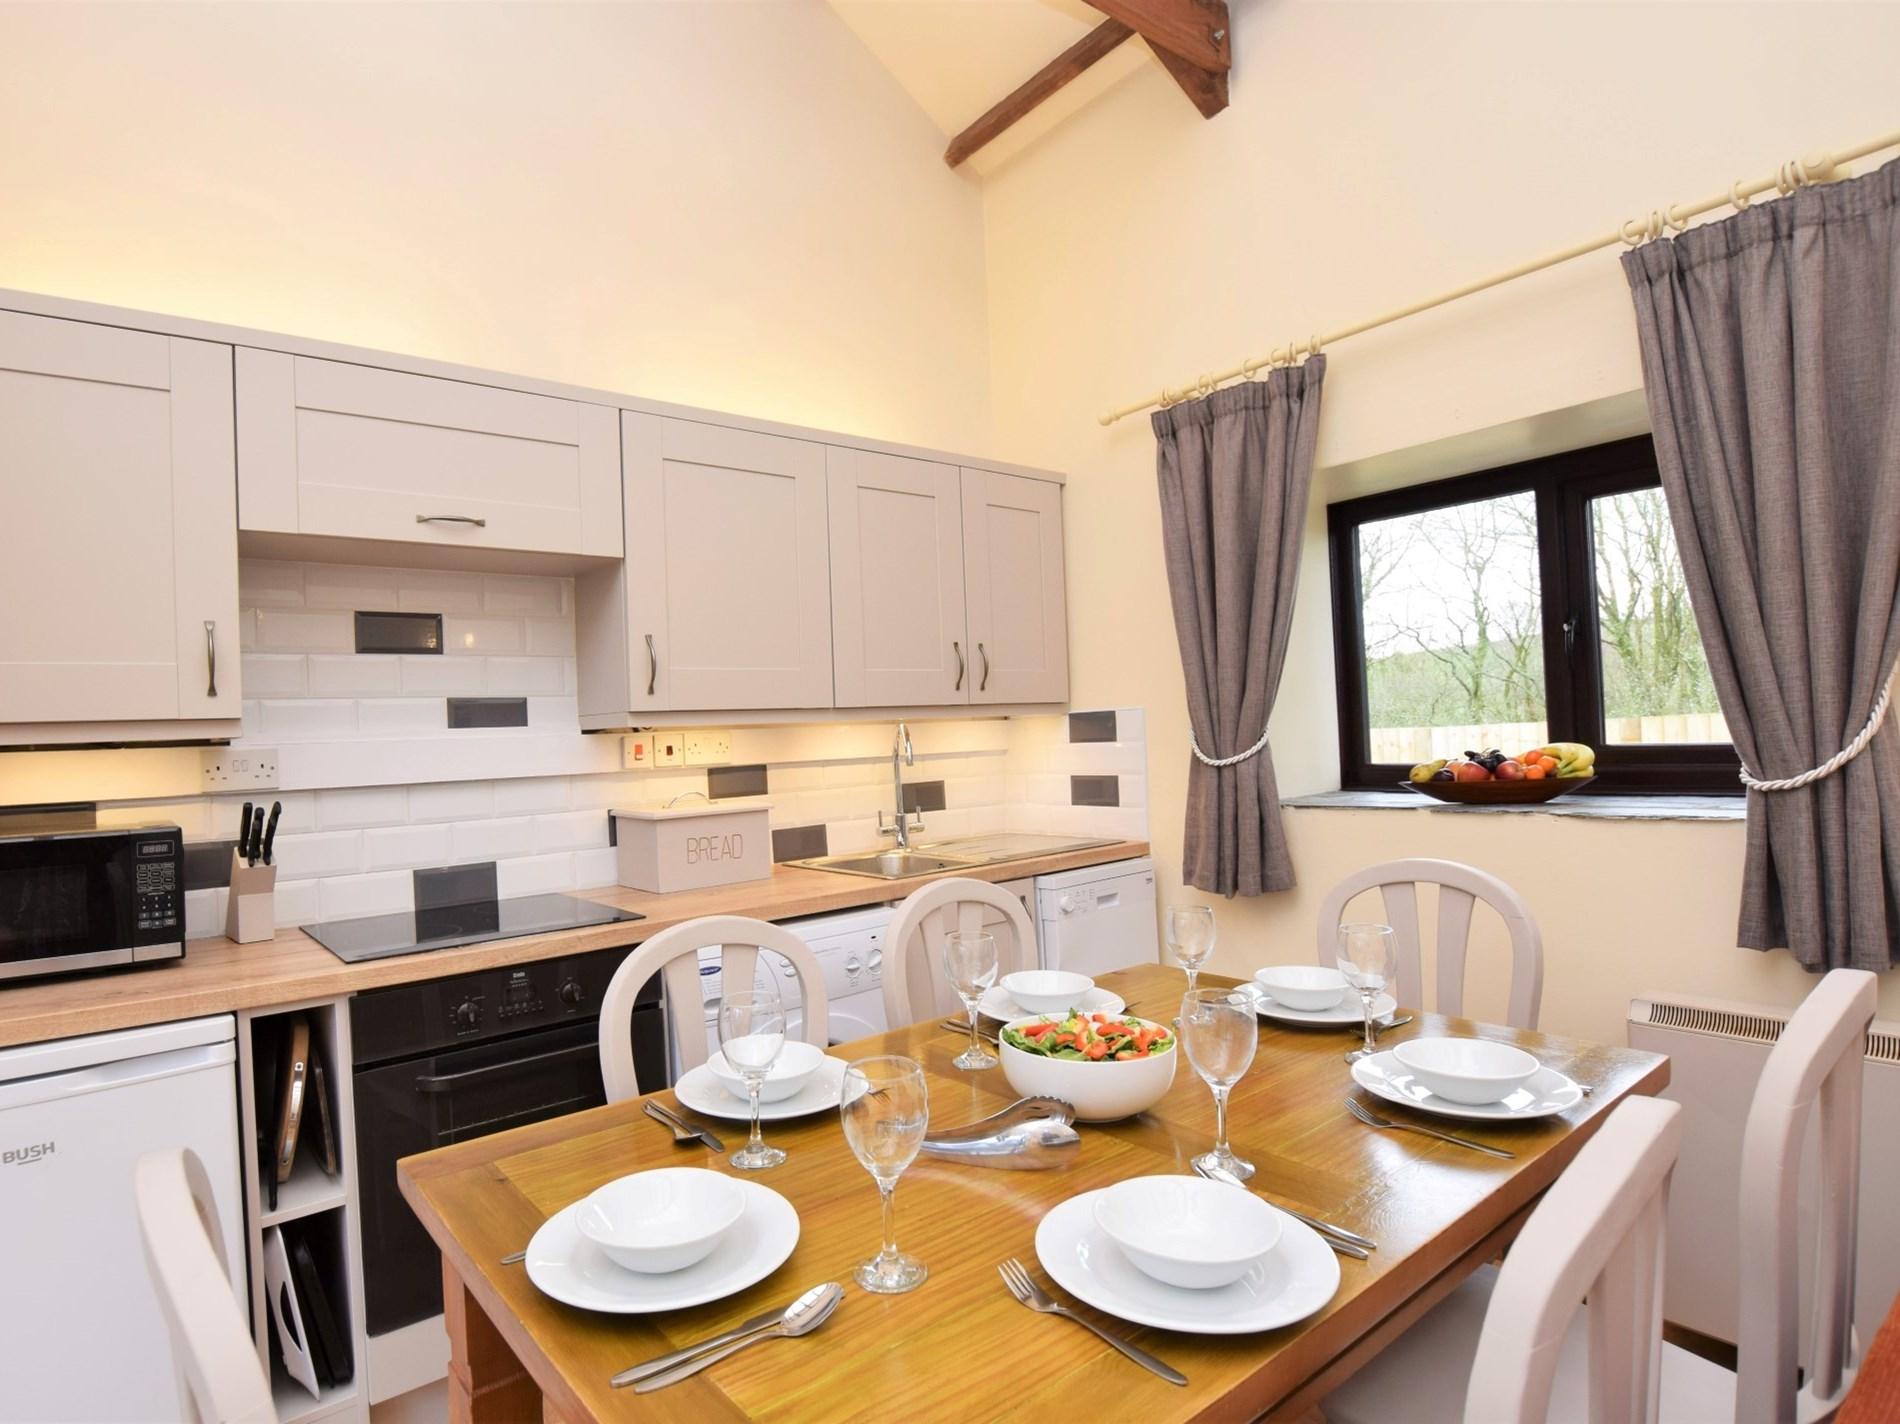 Stunning kitchen area